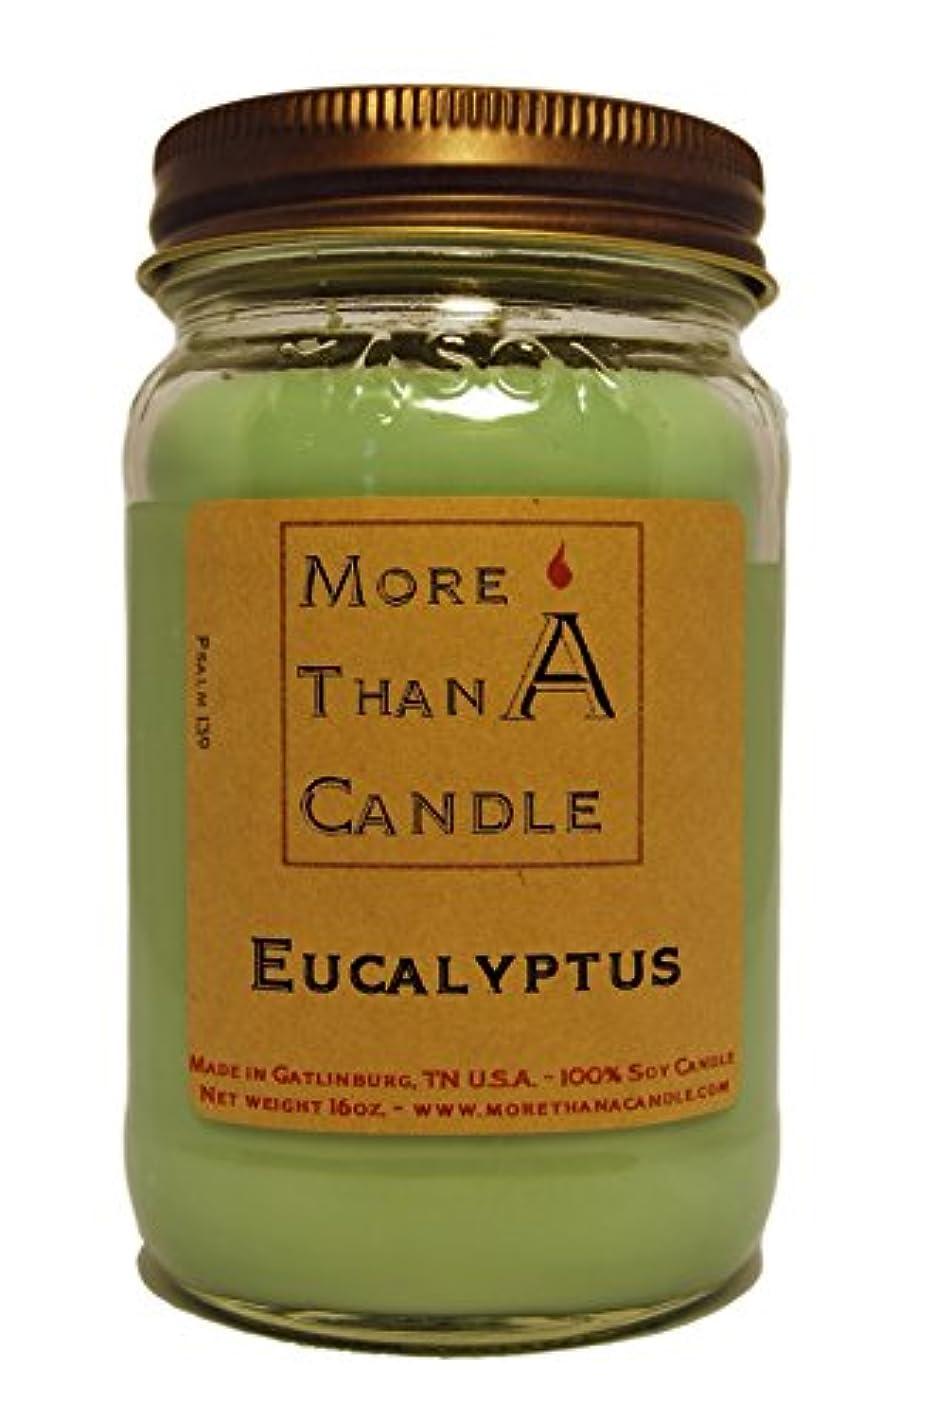 学部ジャンピングジャック時期尚早More Than A Candle ELP16M 16 oz Mason Jar Soy Candle, Eucalyptus